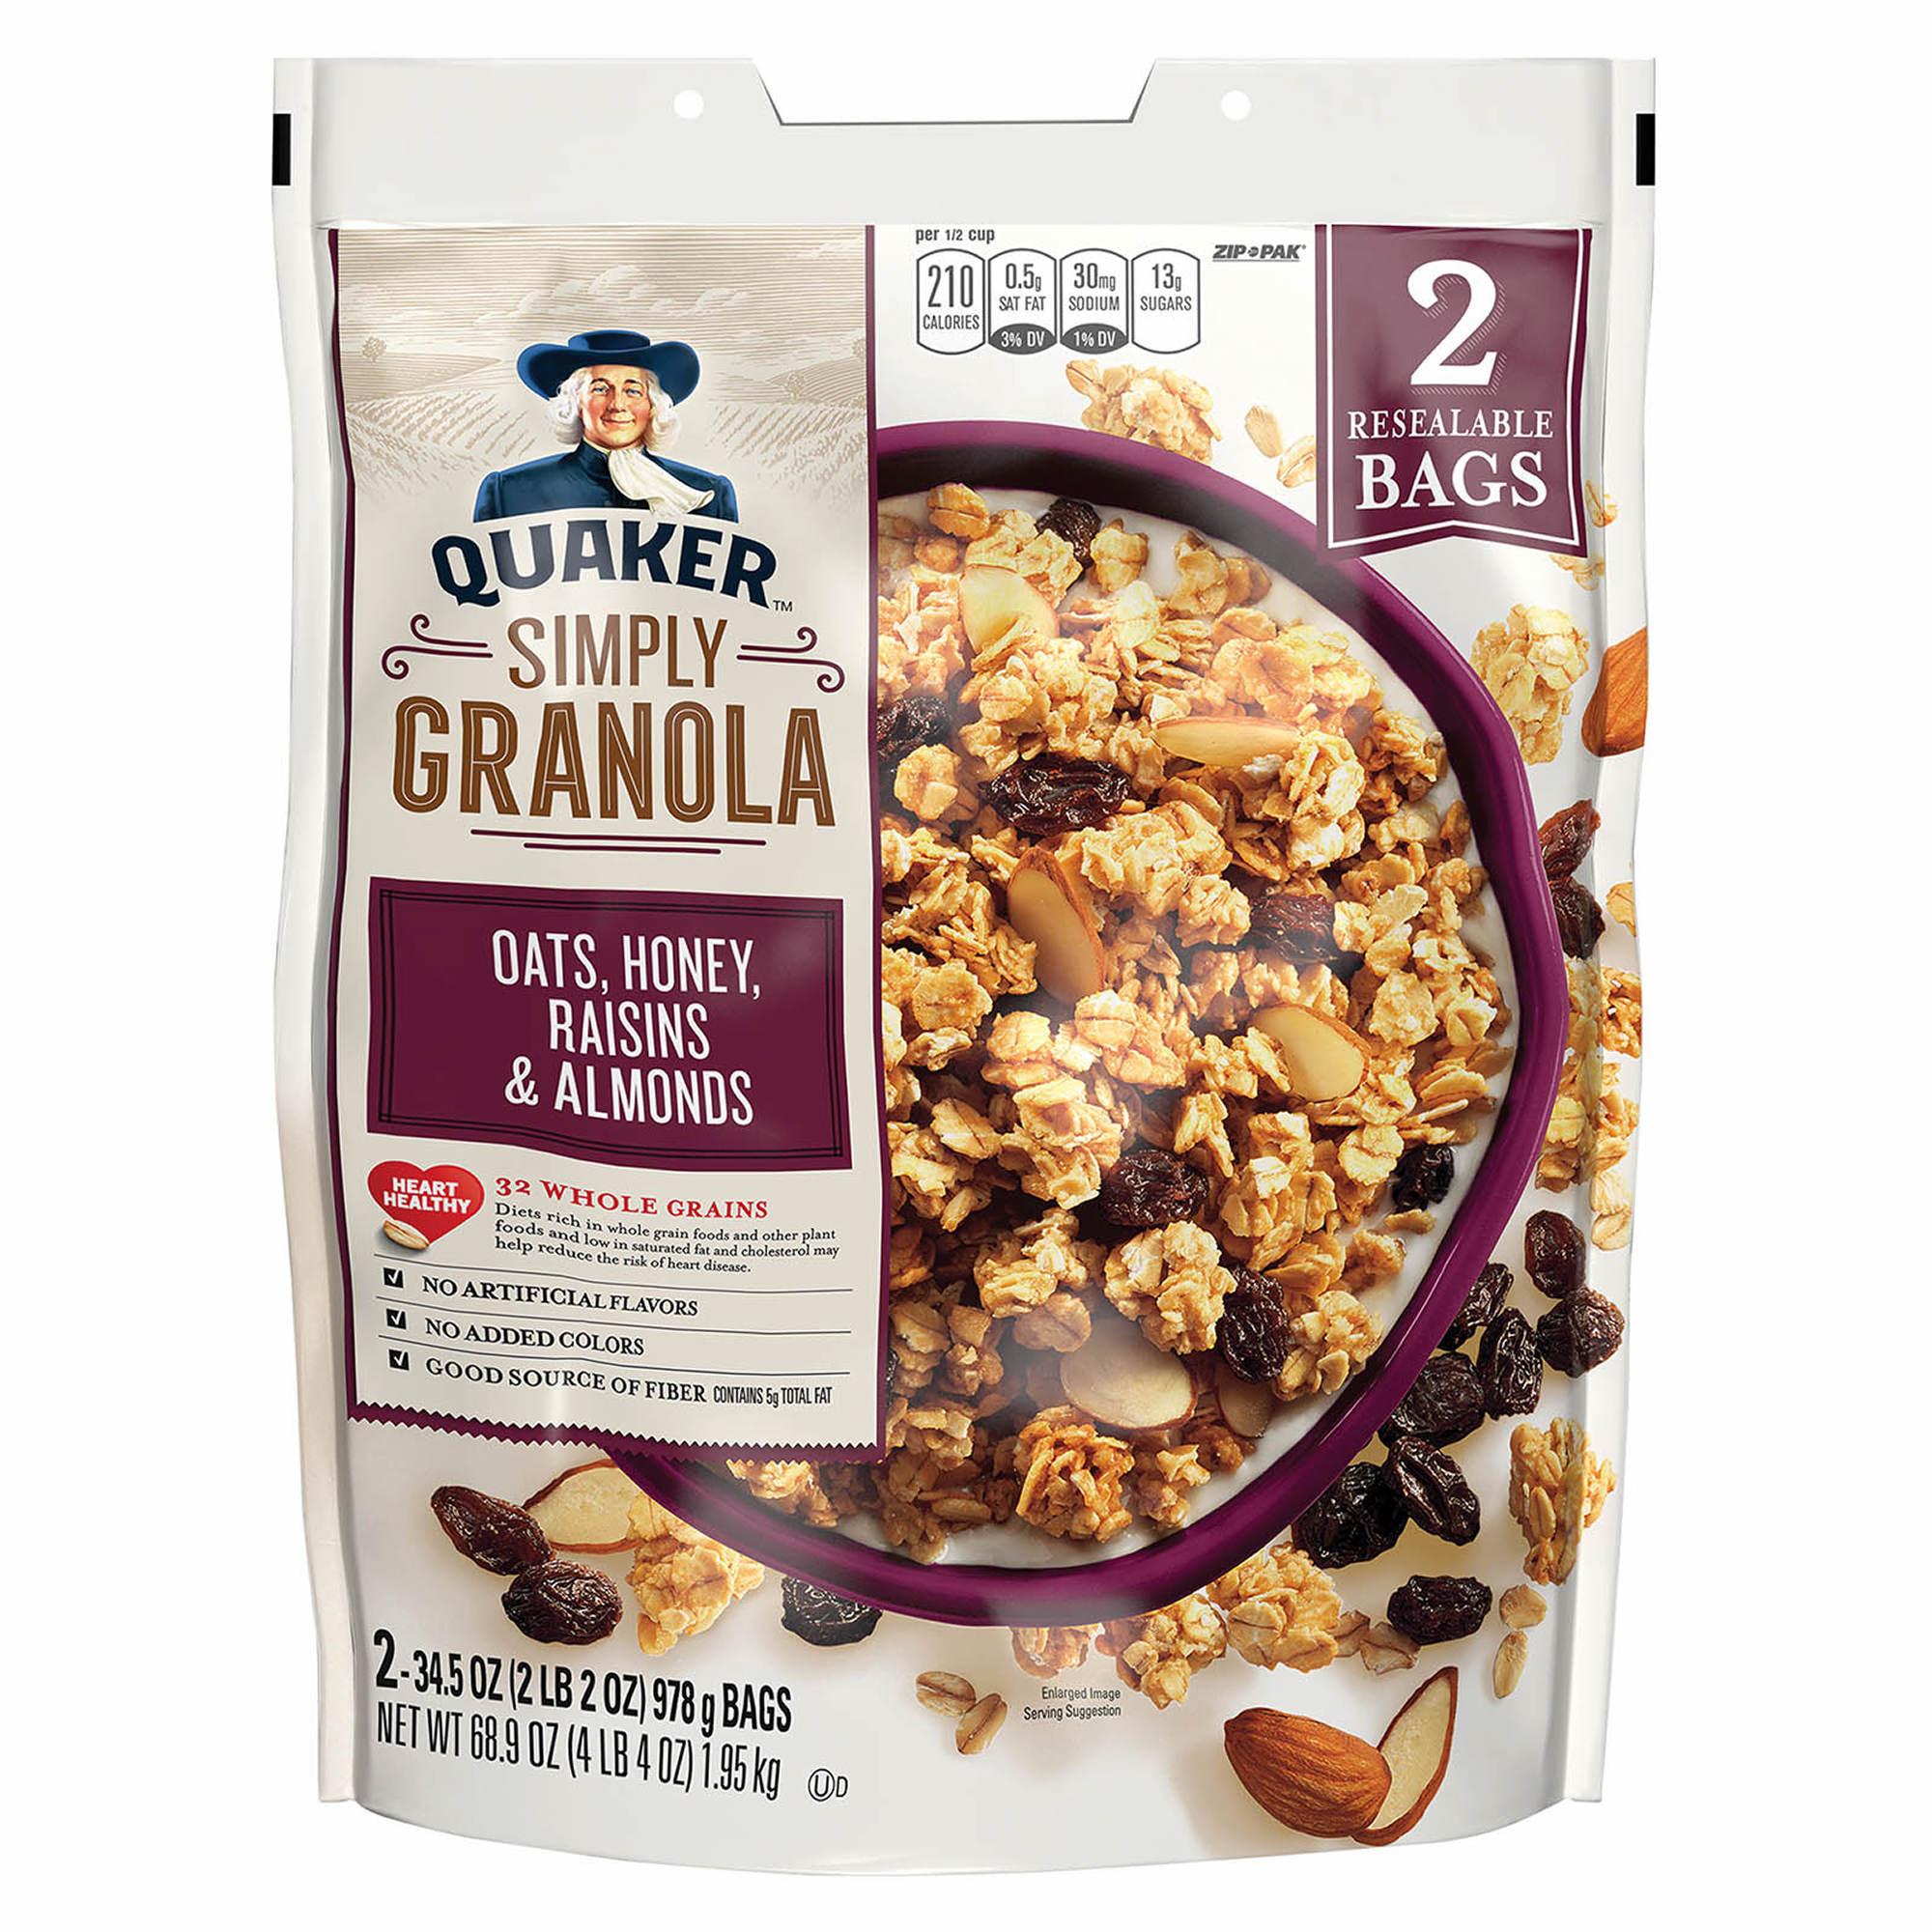 Quaker Simply Granola Oats, Honey, Raisins And Almonds, 2